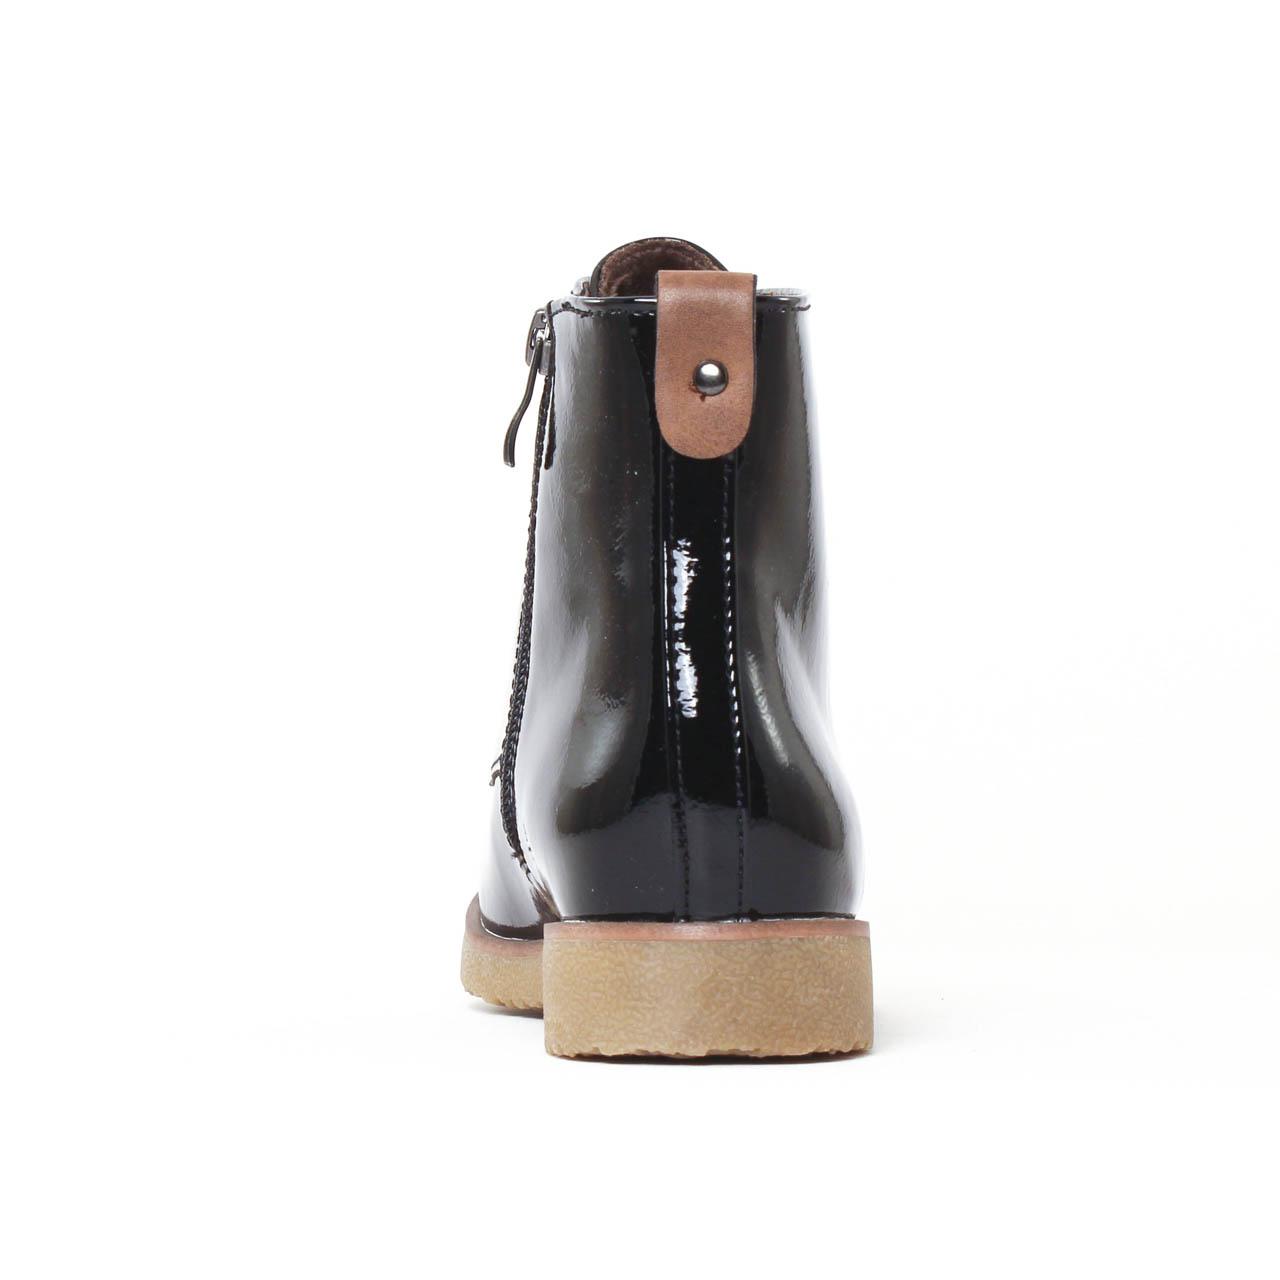 marco tozzi 25209 black bottine lacets noir vernis automne hiver chez trois par 3. Black Bedroom Furniture Sets. Home Design Ideas